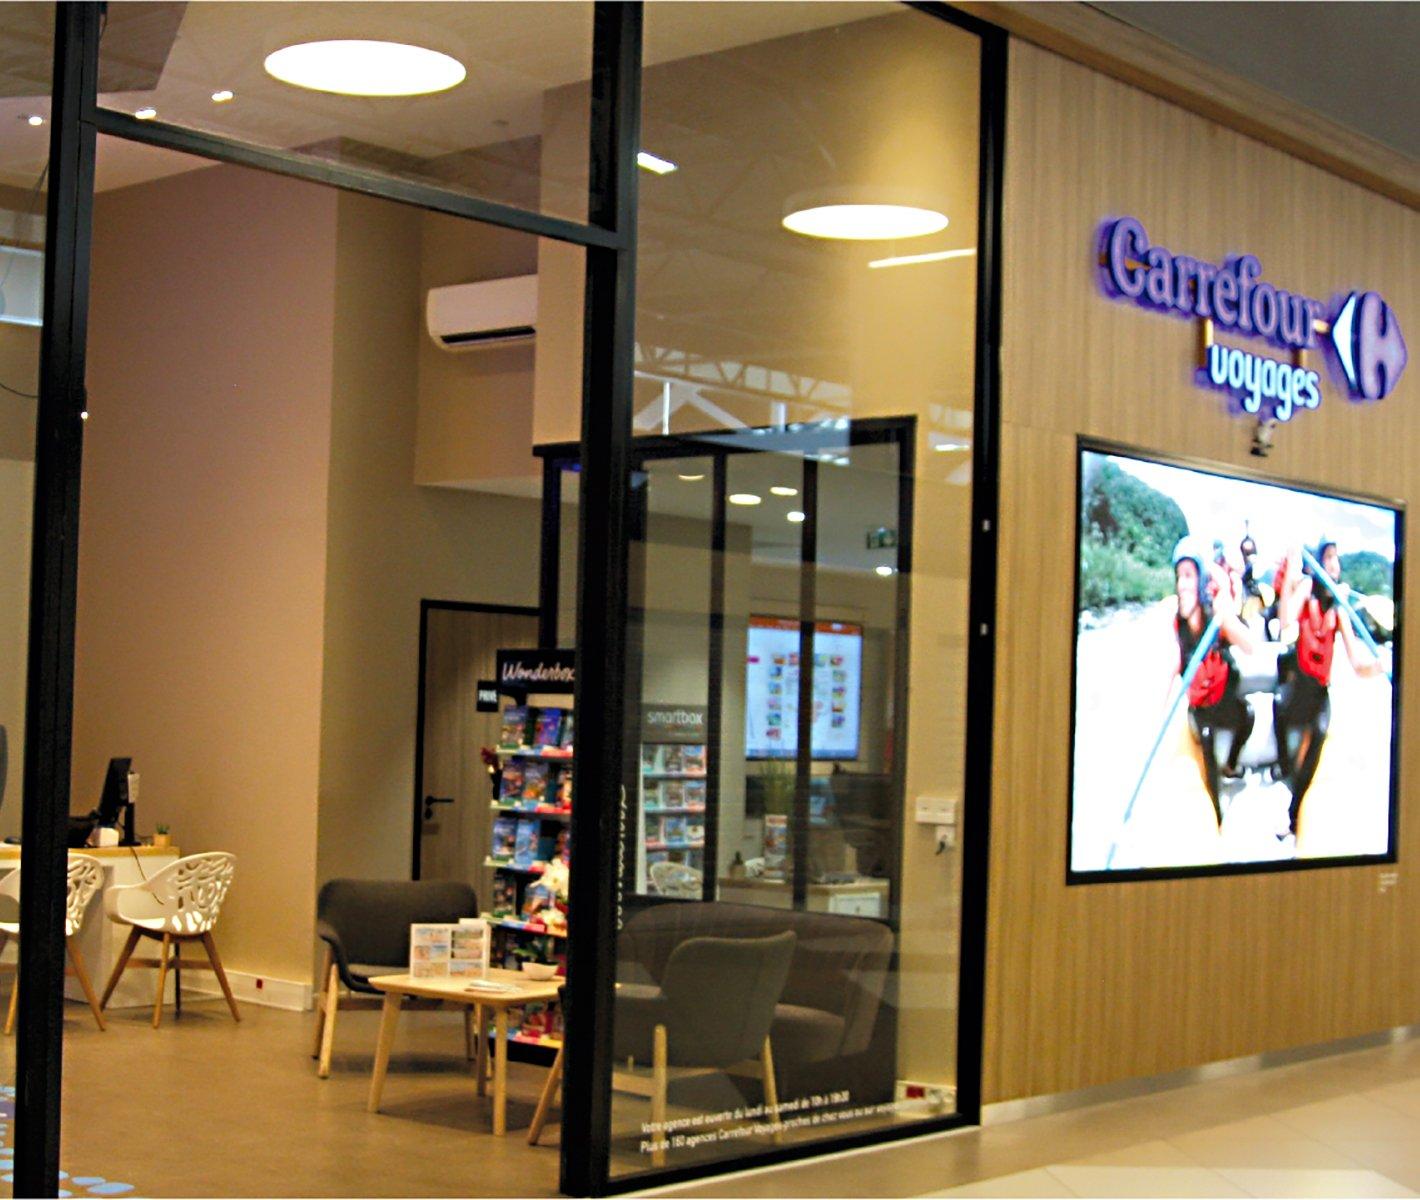 Pixel digitalise une agence Carrefour Voyages et gagne un